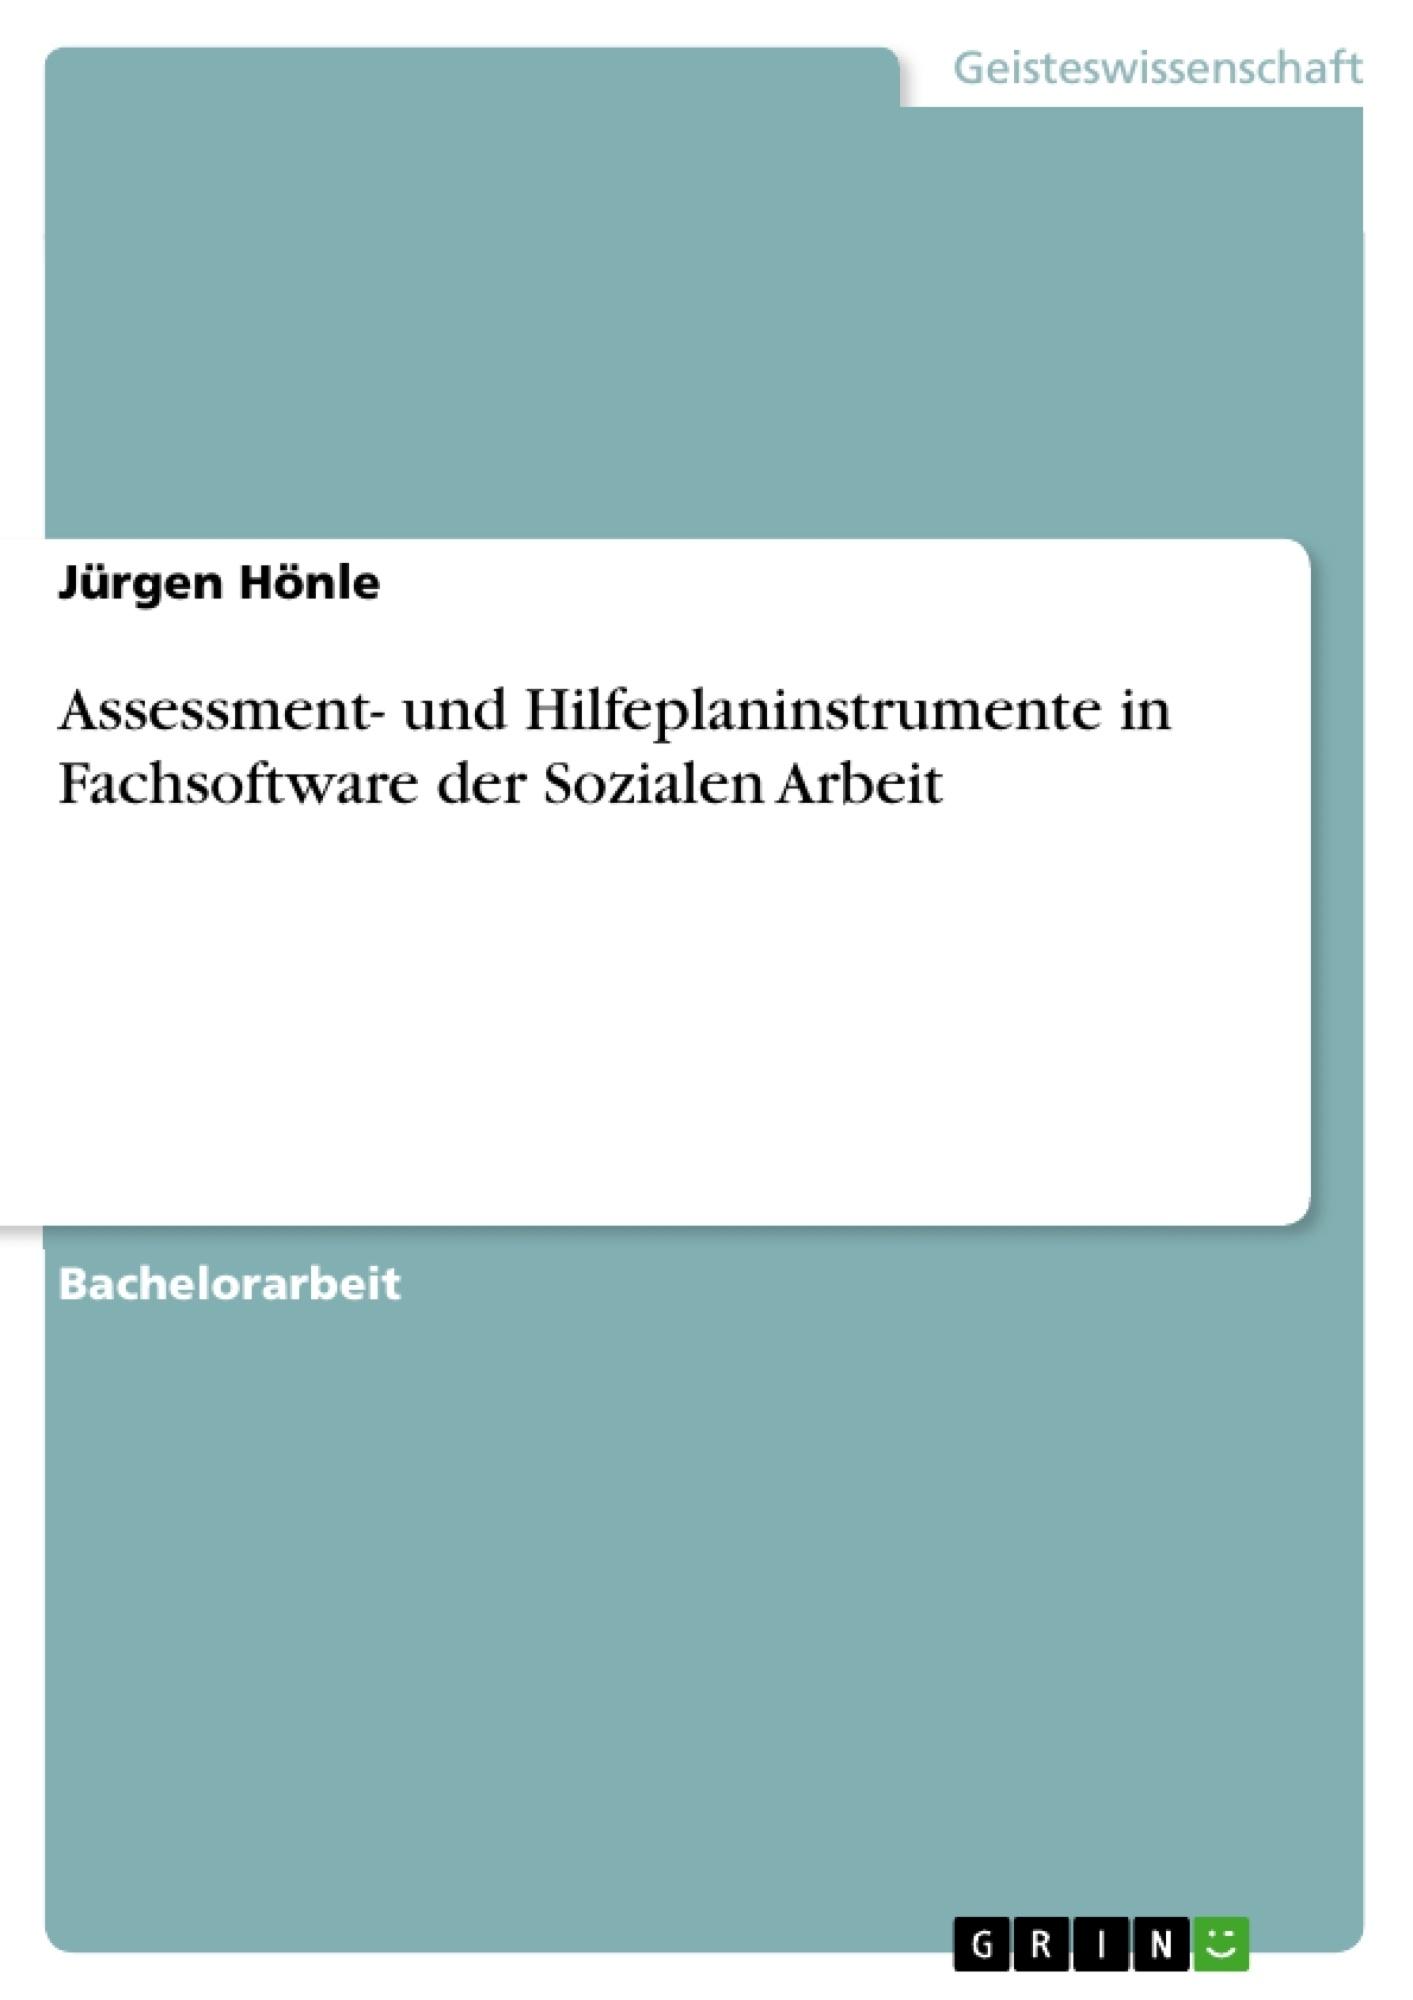 Titel: Assessment- und Hilfeplaninstrumente in Fachsoftware der Sozialen Arbeit